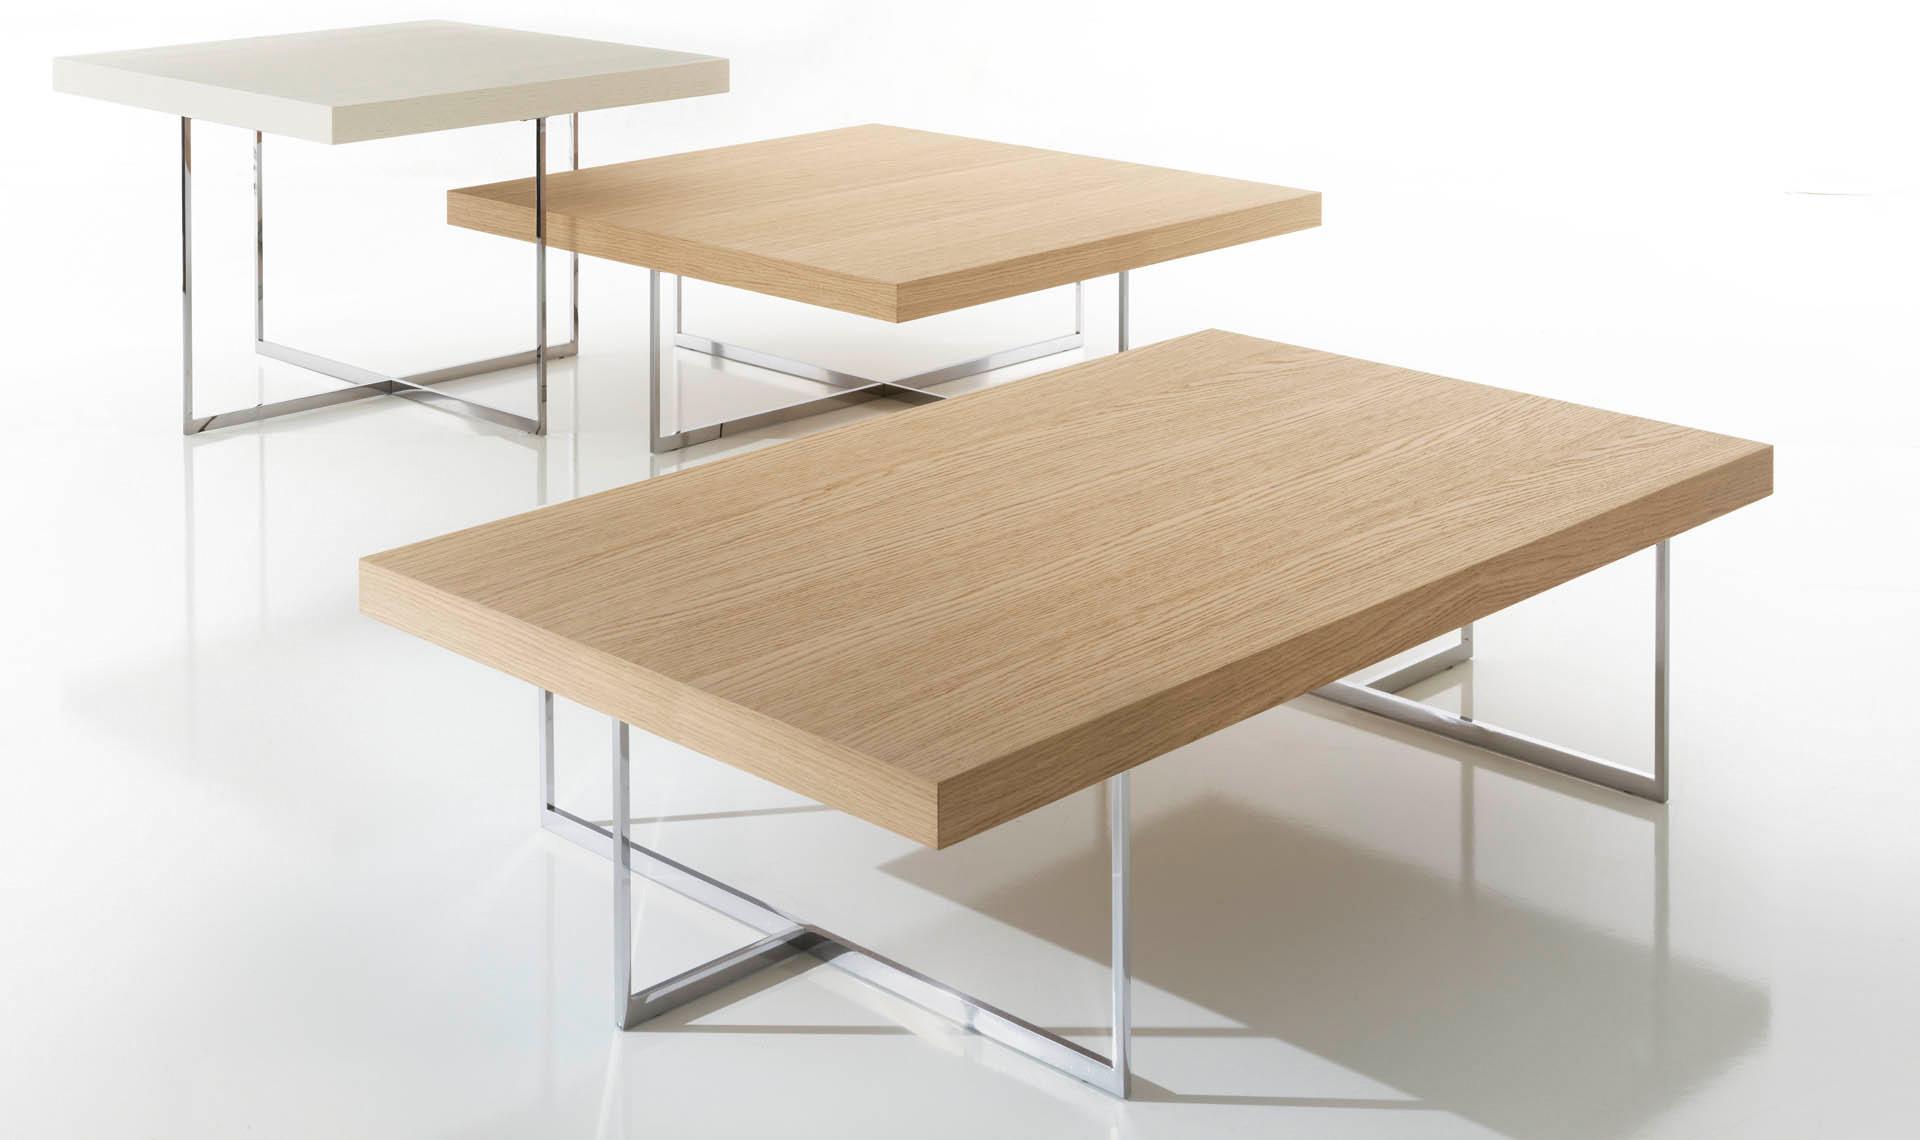 Tavoli e tavolini: minimal 2.0 design moderno alf dafré